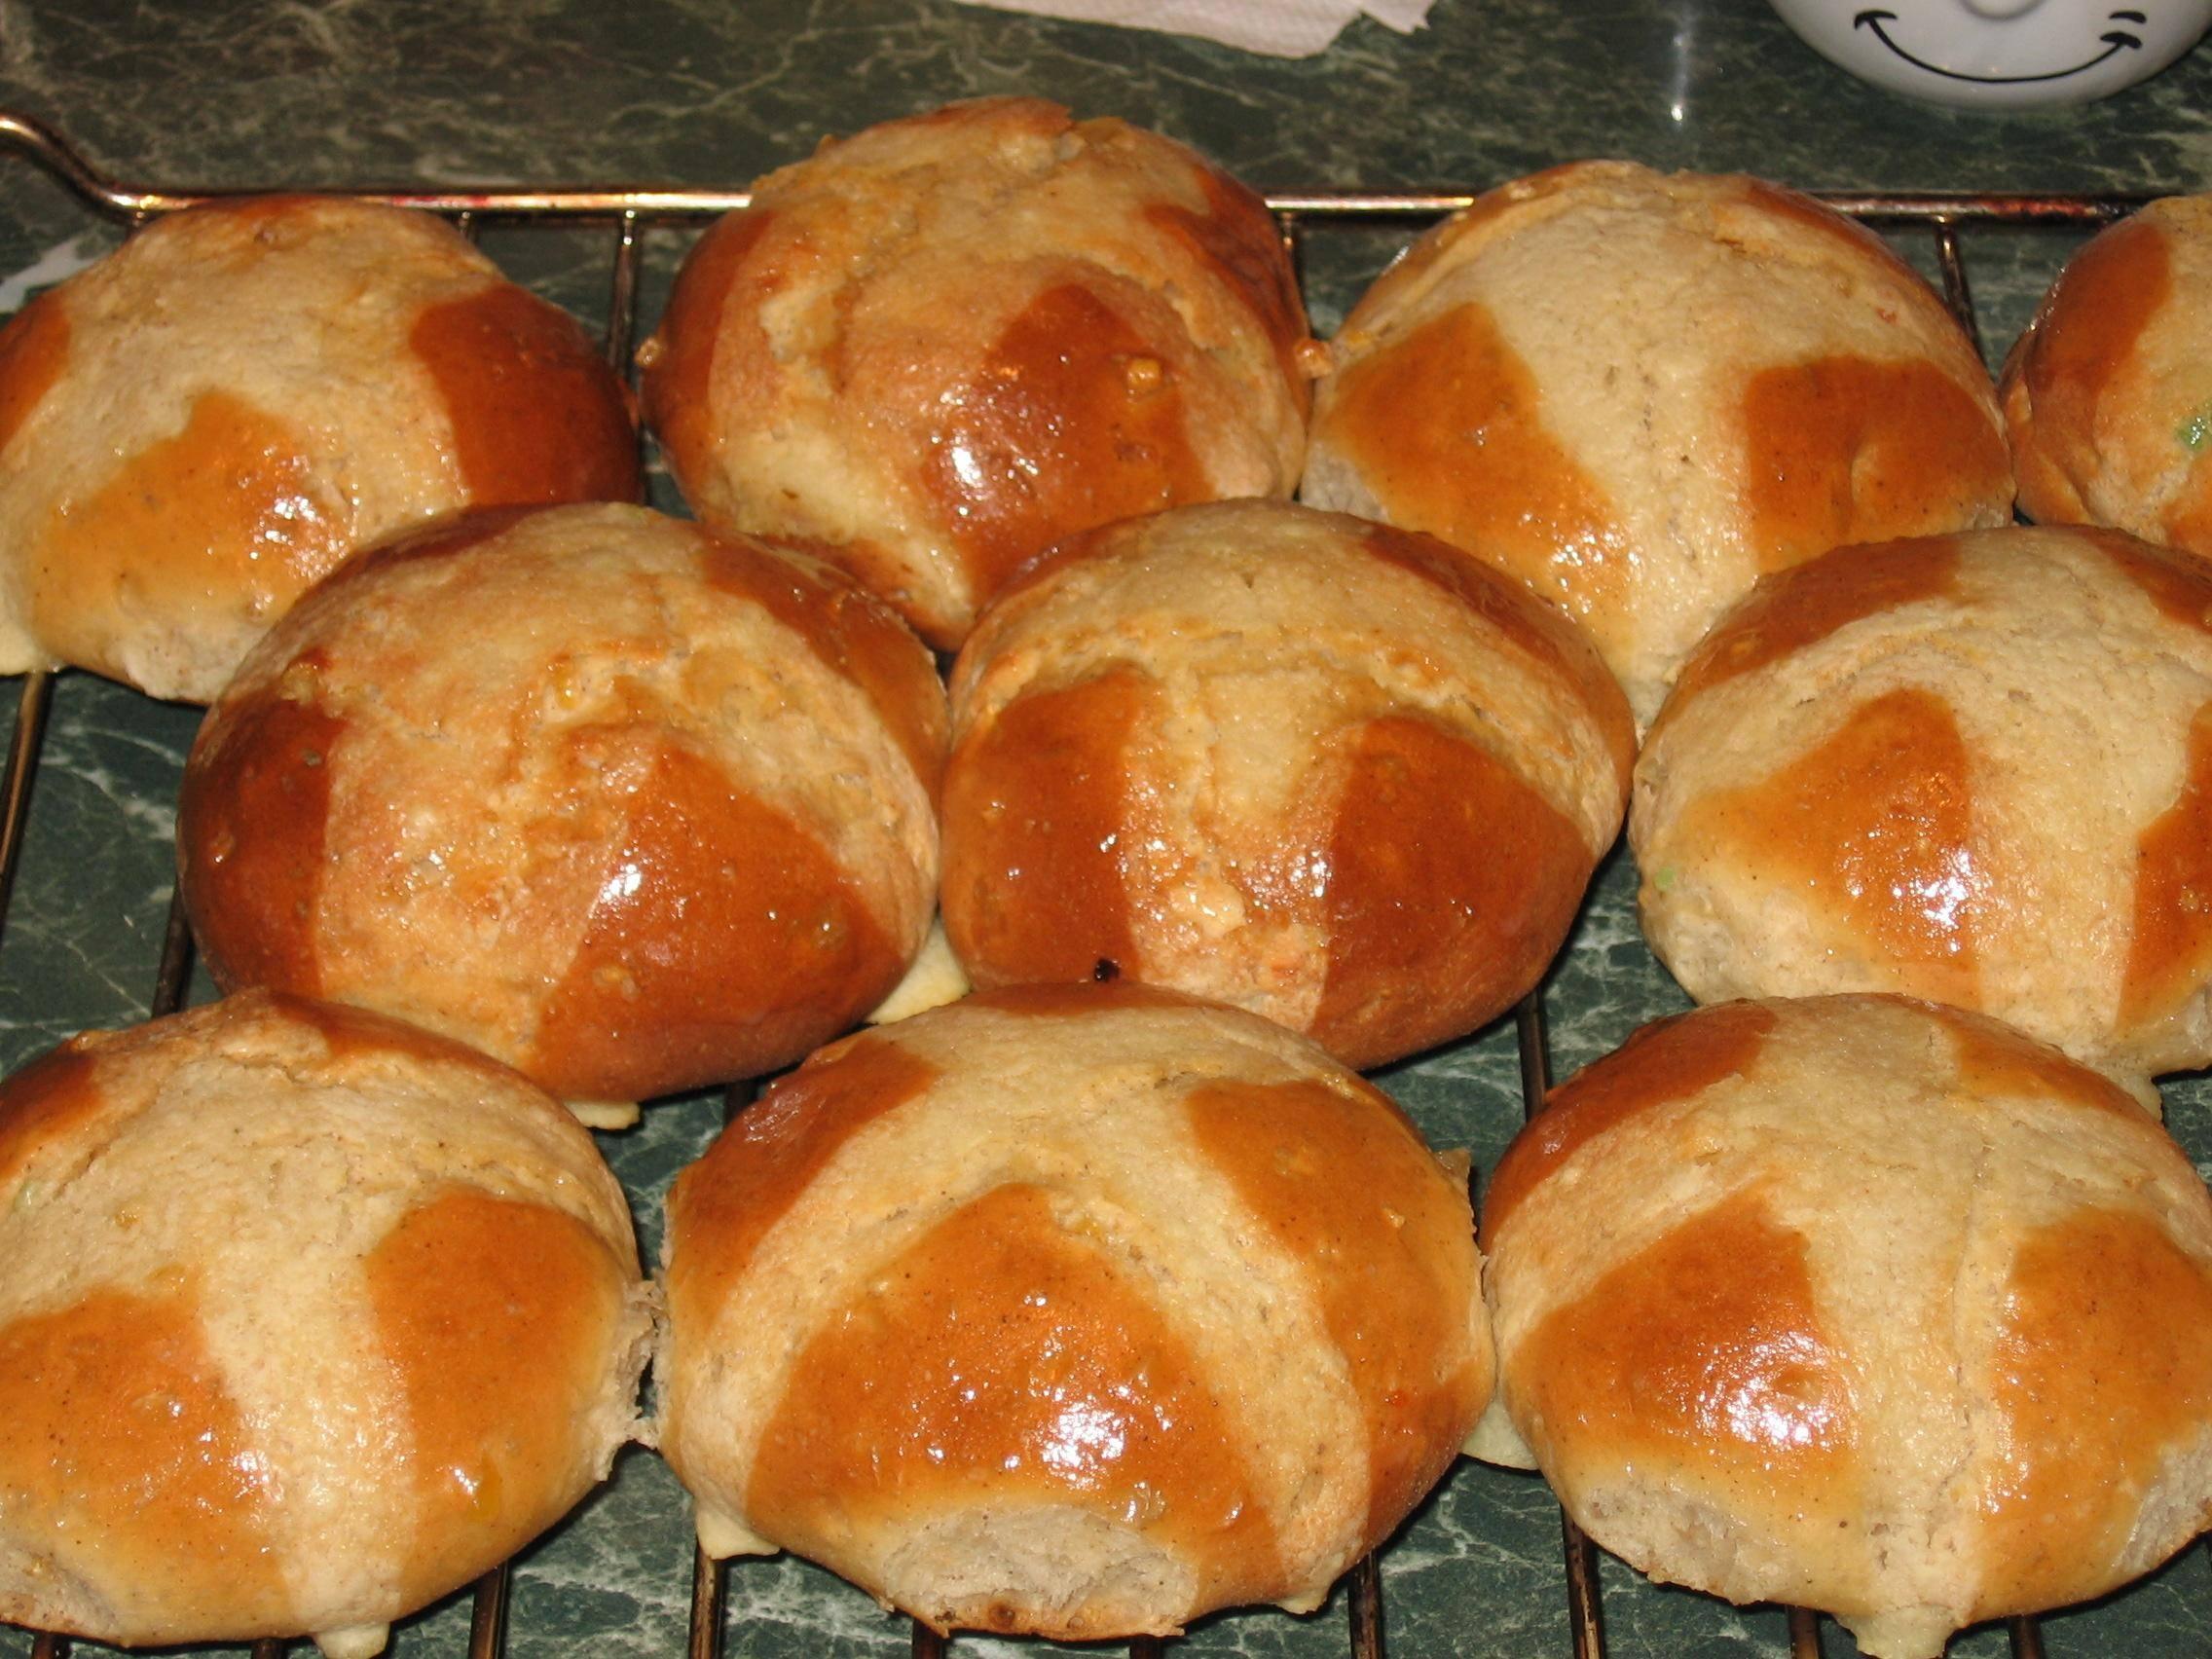 Keresztes buci recept (Hot Cross Bun) főfotó